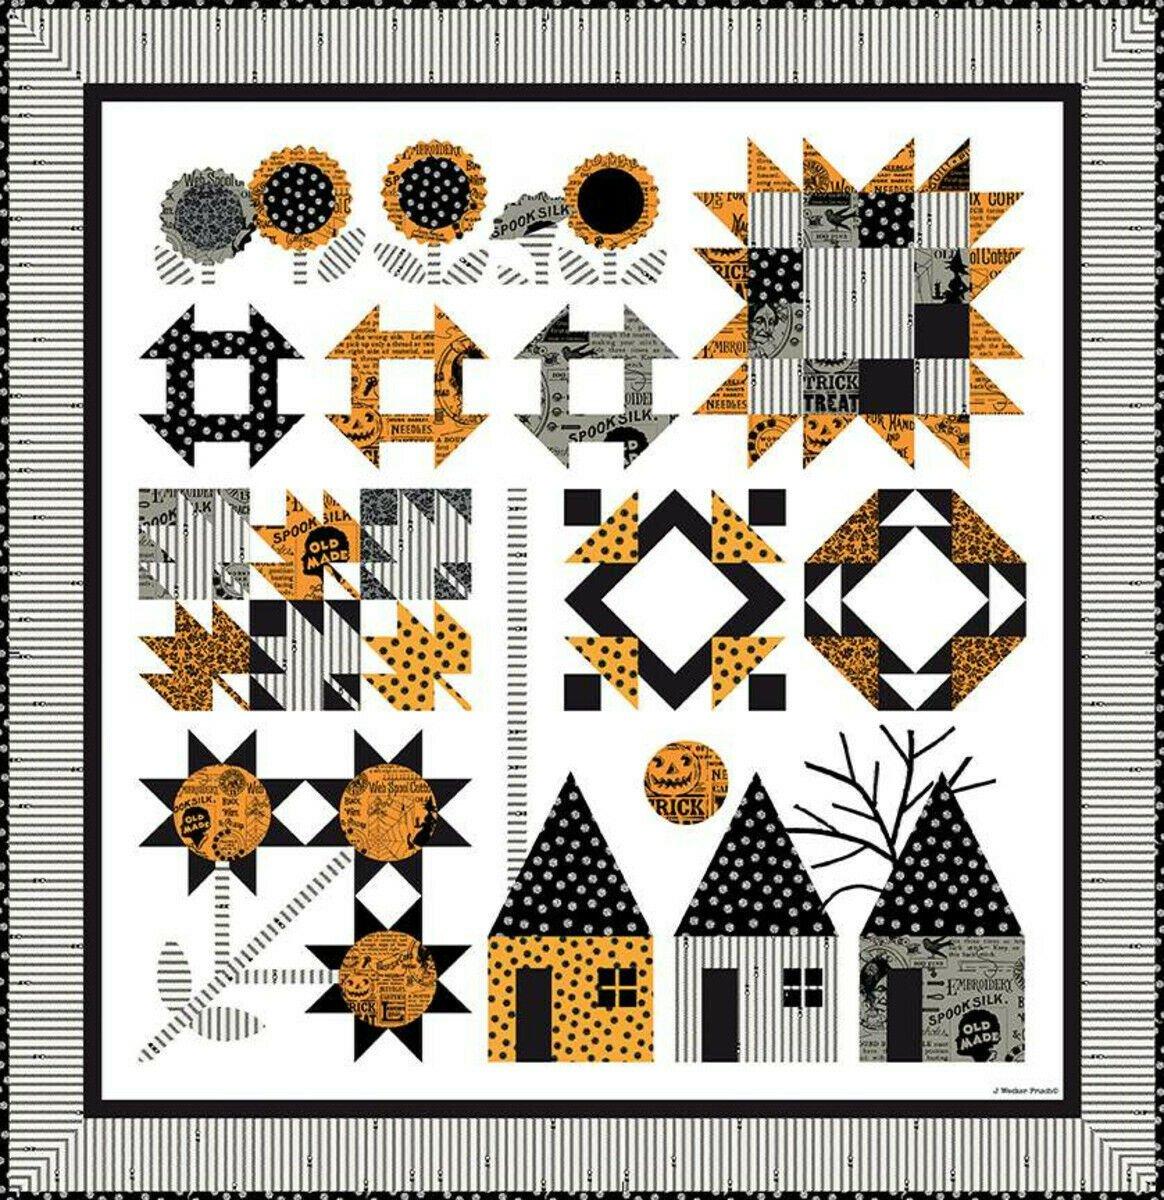 Autumn Acres Quilt Kit by J. Wecker Frisch for Riley Blake Designs KTB-20367